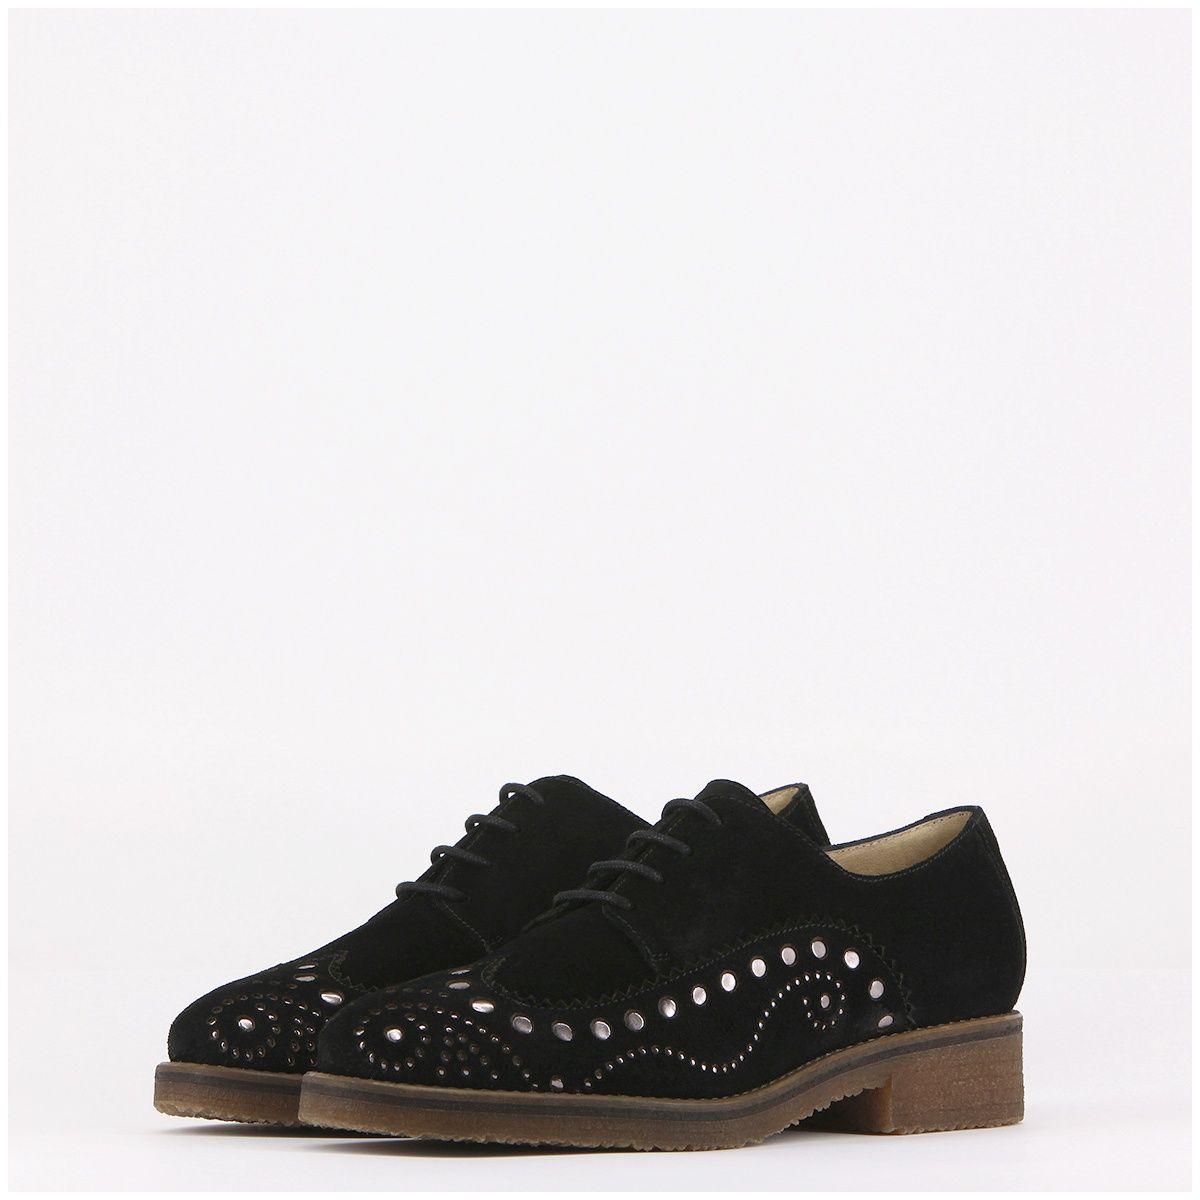 Zapato oxford venus en serraje negro con picados BjrB200r